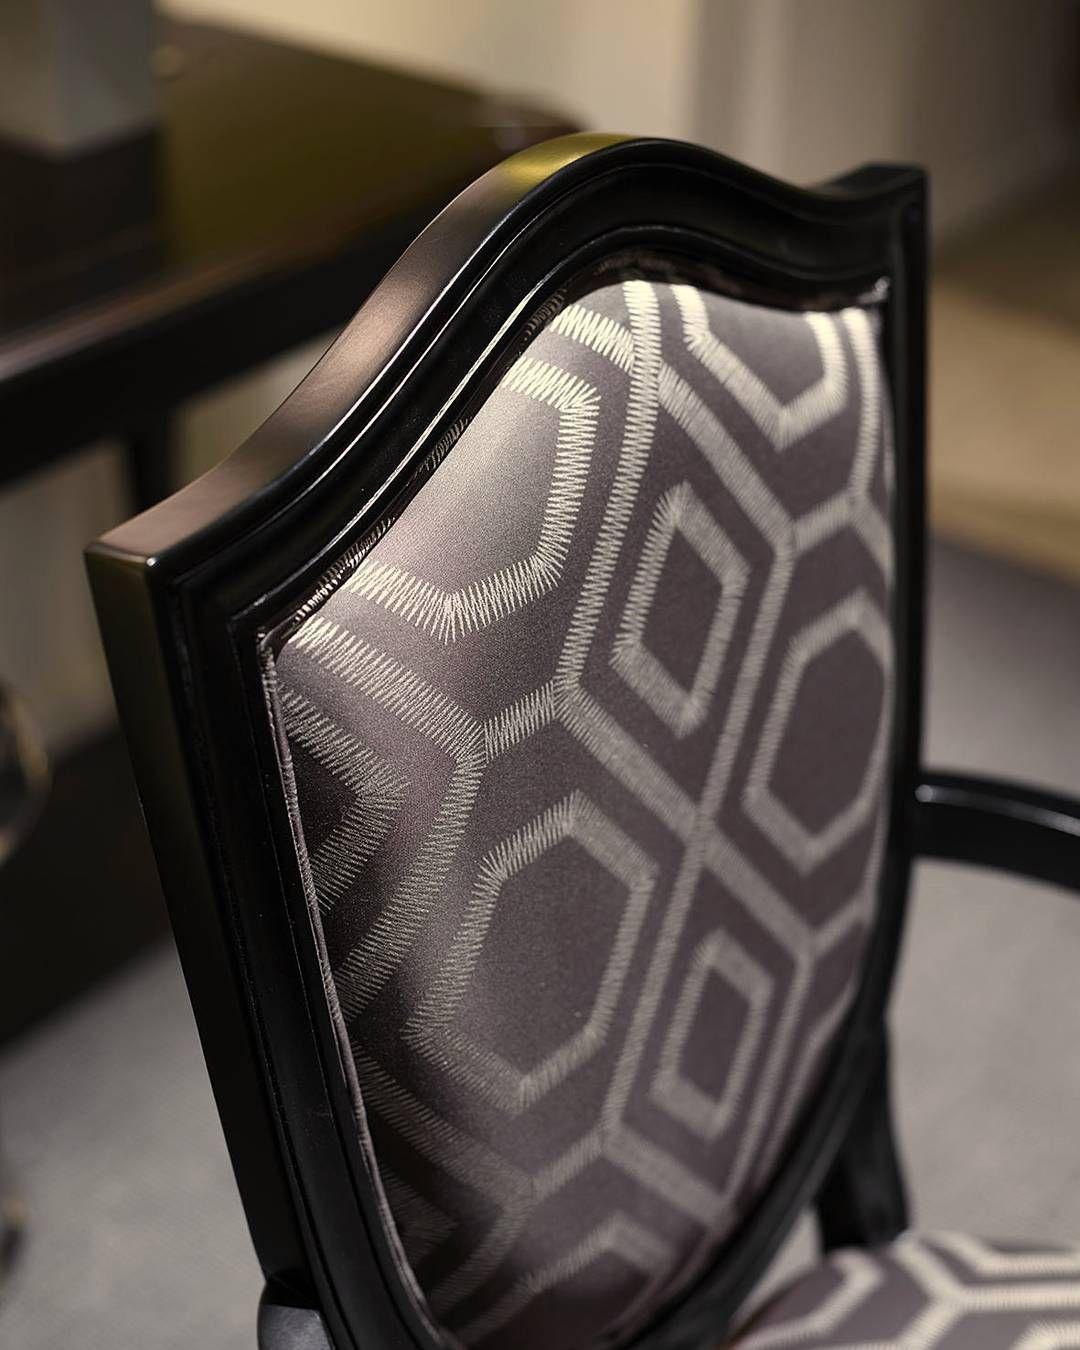 Vi piace il tessuto di questa elegante sedia? #marionisrl #madeinitaly #luxuryliving #concept # sedia #chairs #chair #fabric #particular  #particolari #detail #details